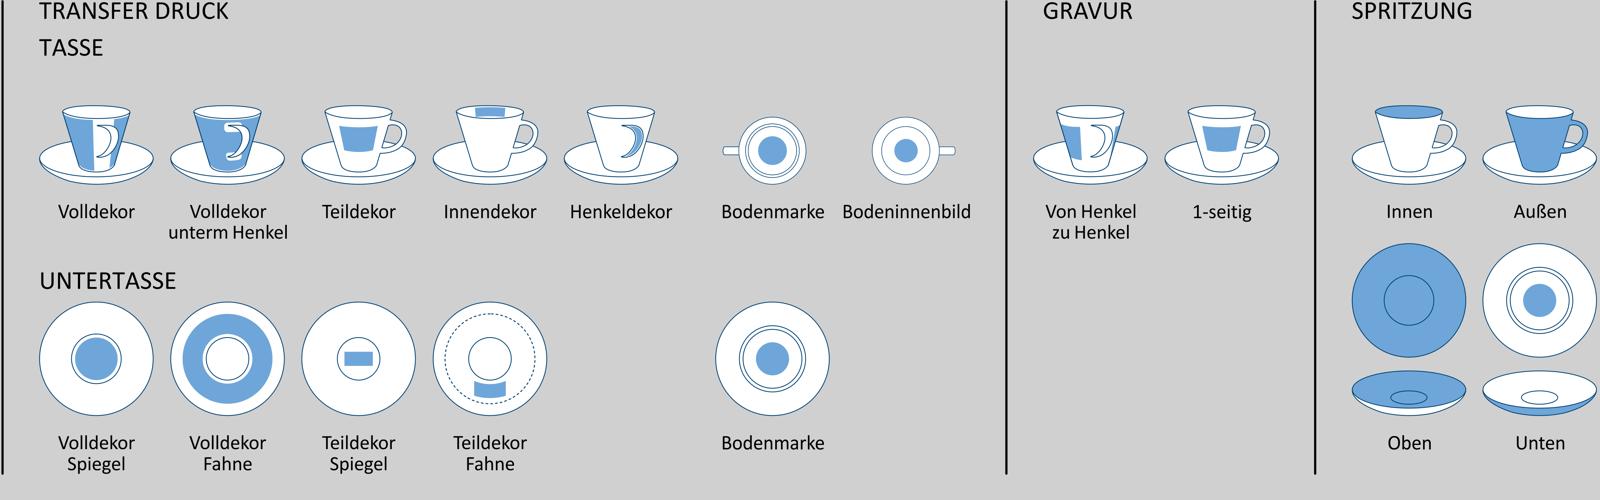 Individualisierung BRÜGGE_alle Tassen d